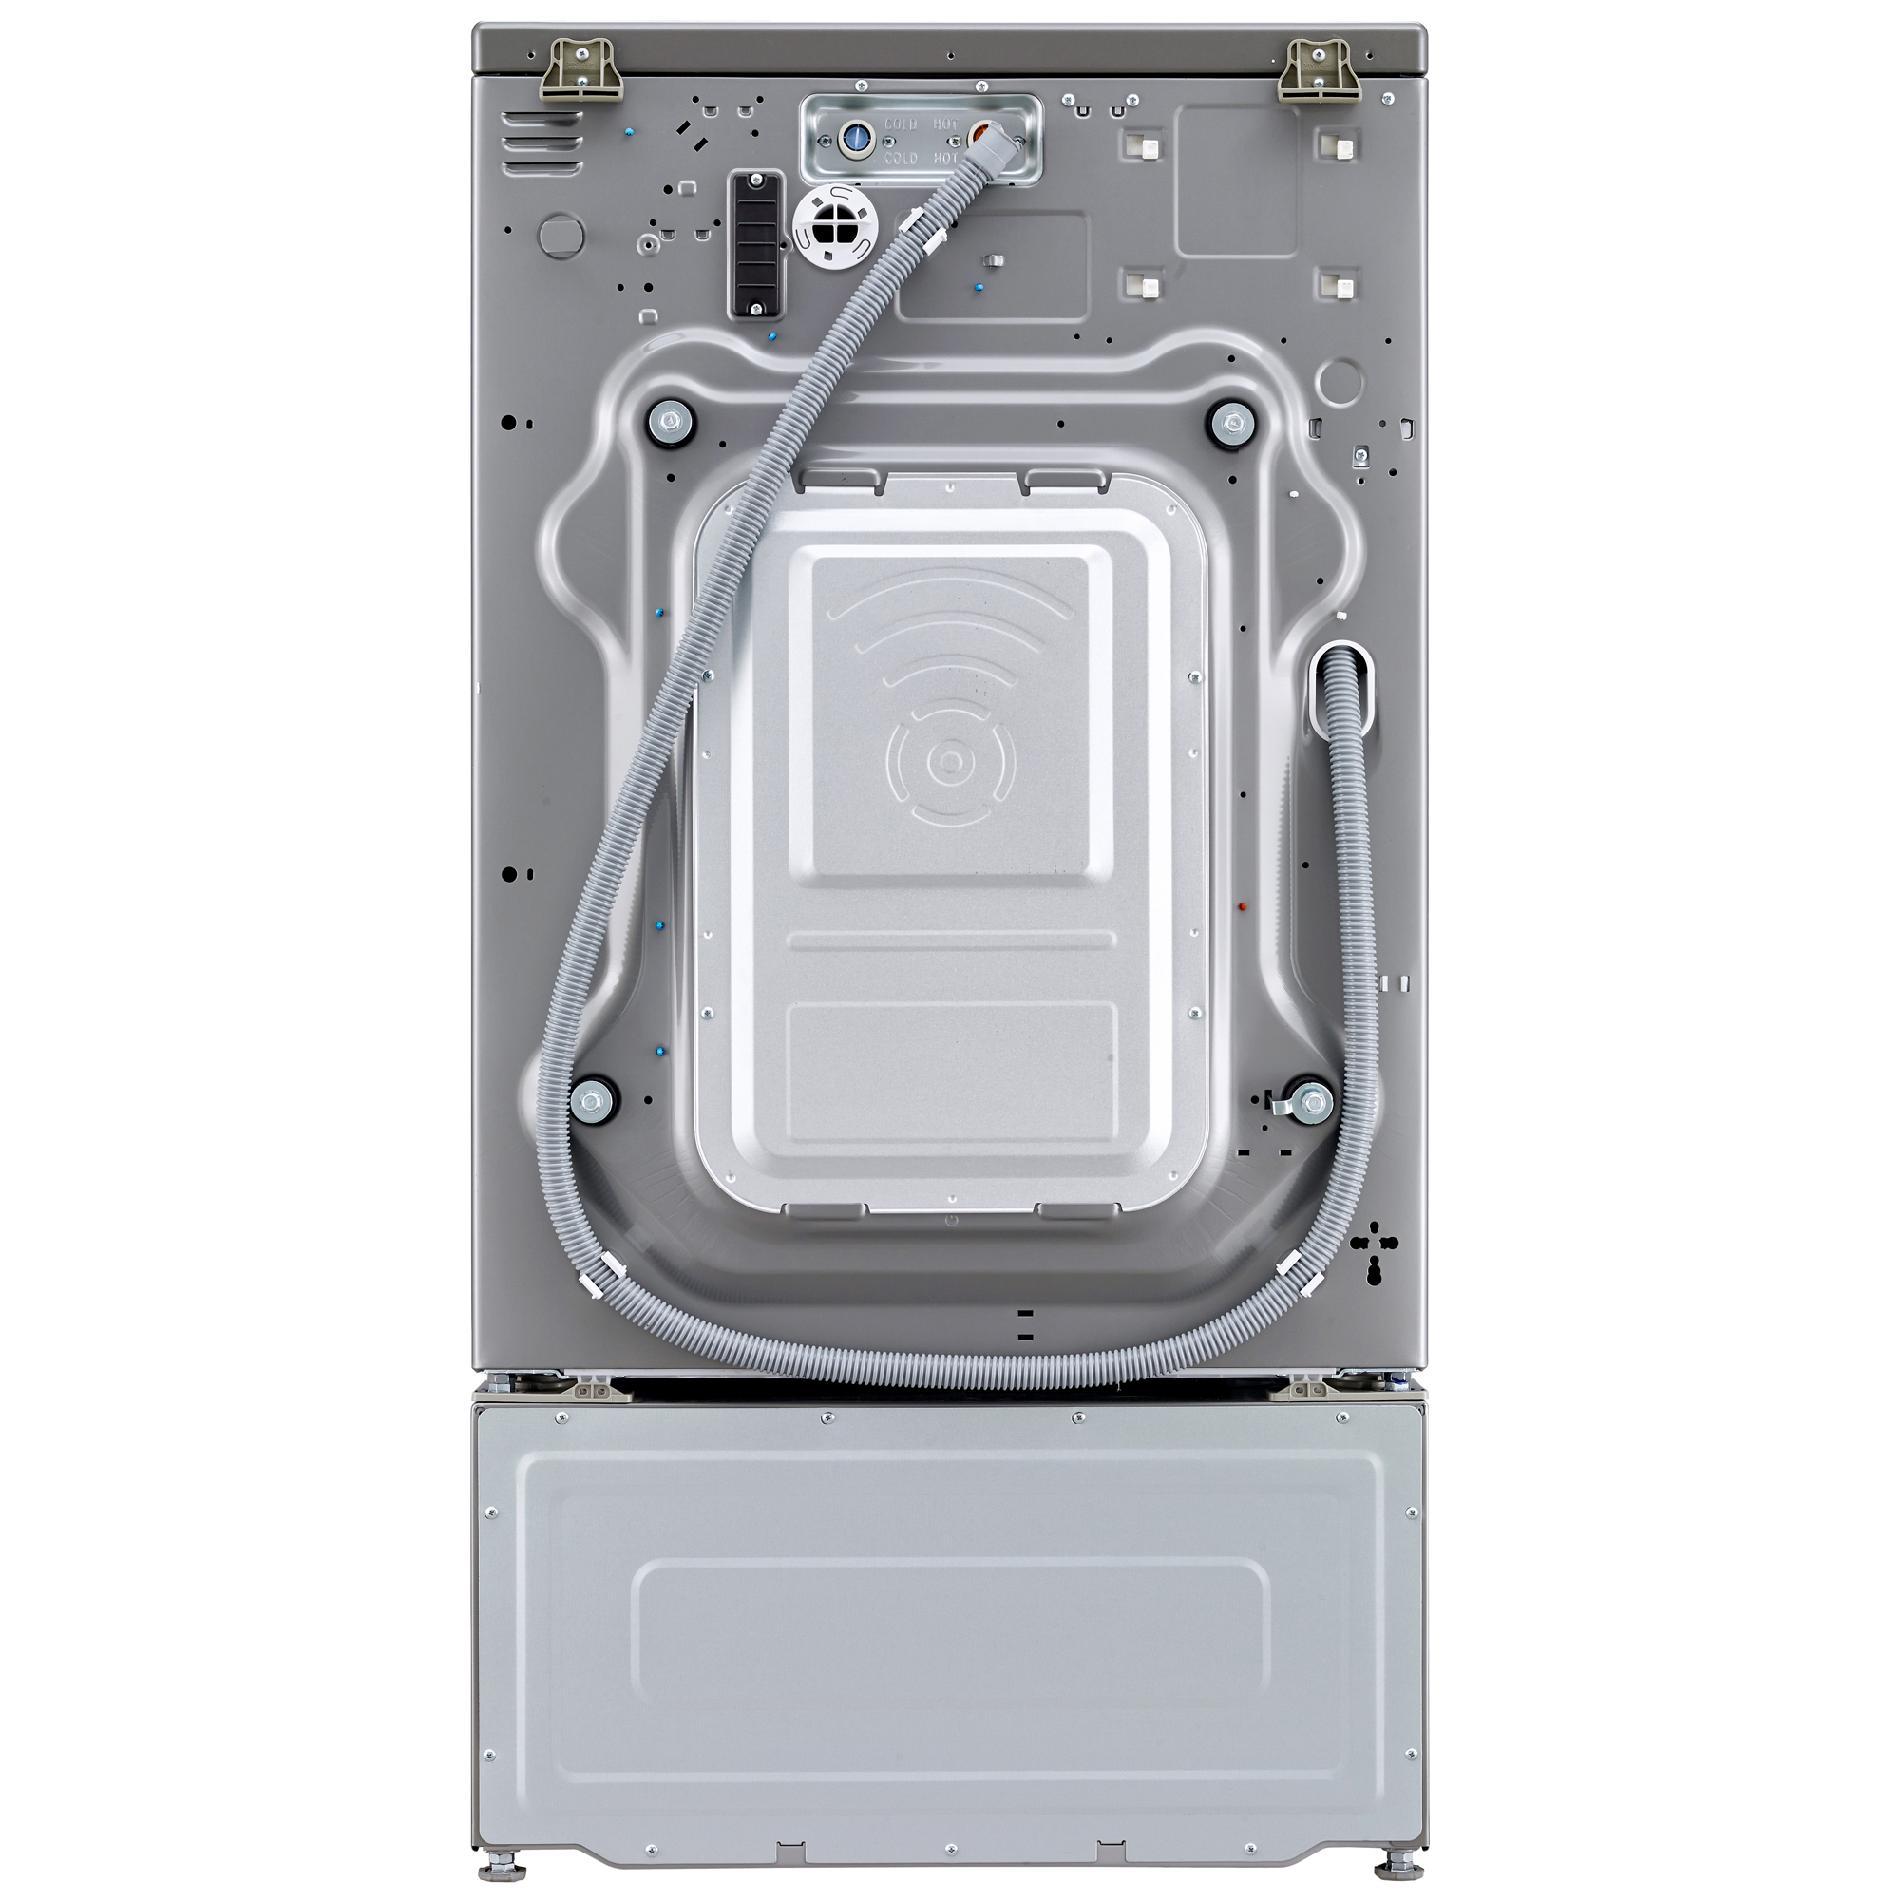 LG WM3570HVA 4.3 cu. ft. Ultra Large Capacity Washer TurboWash Silver